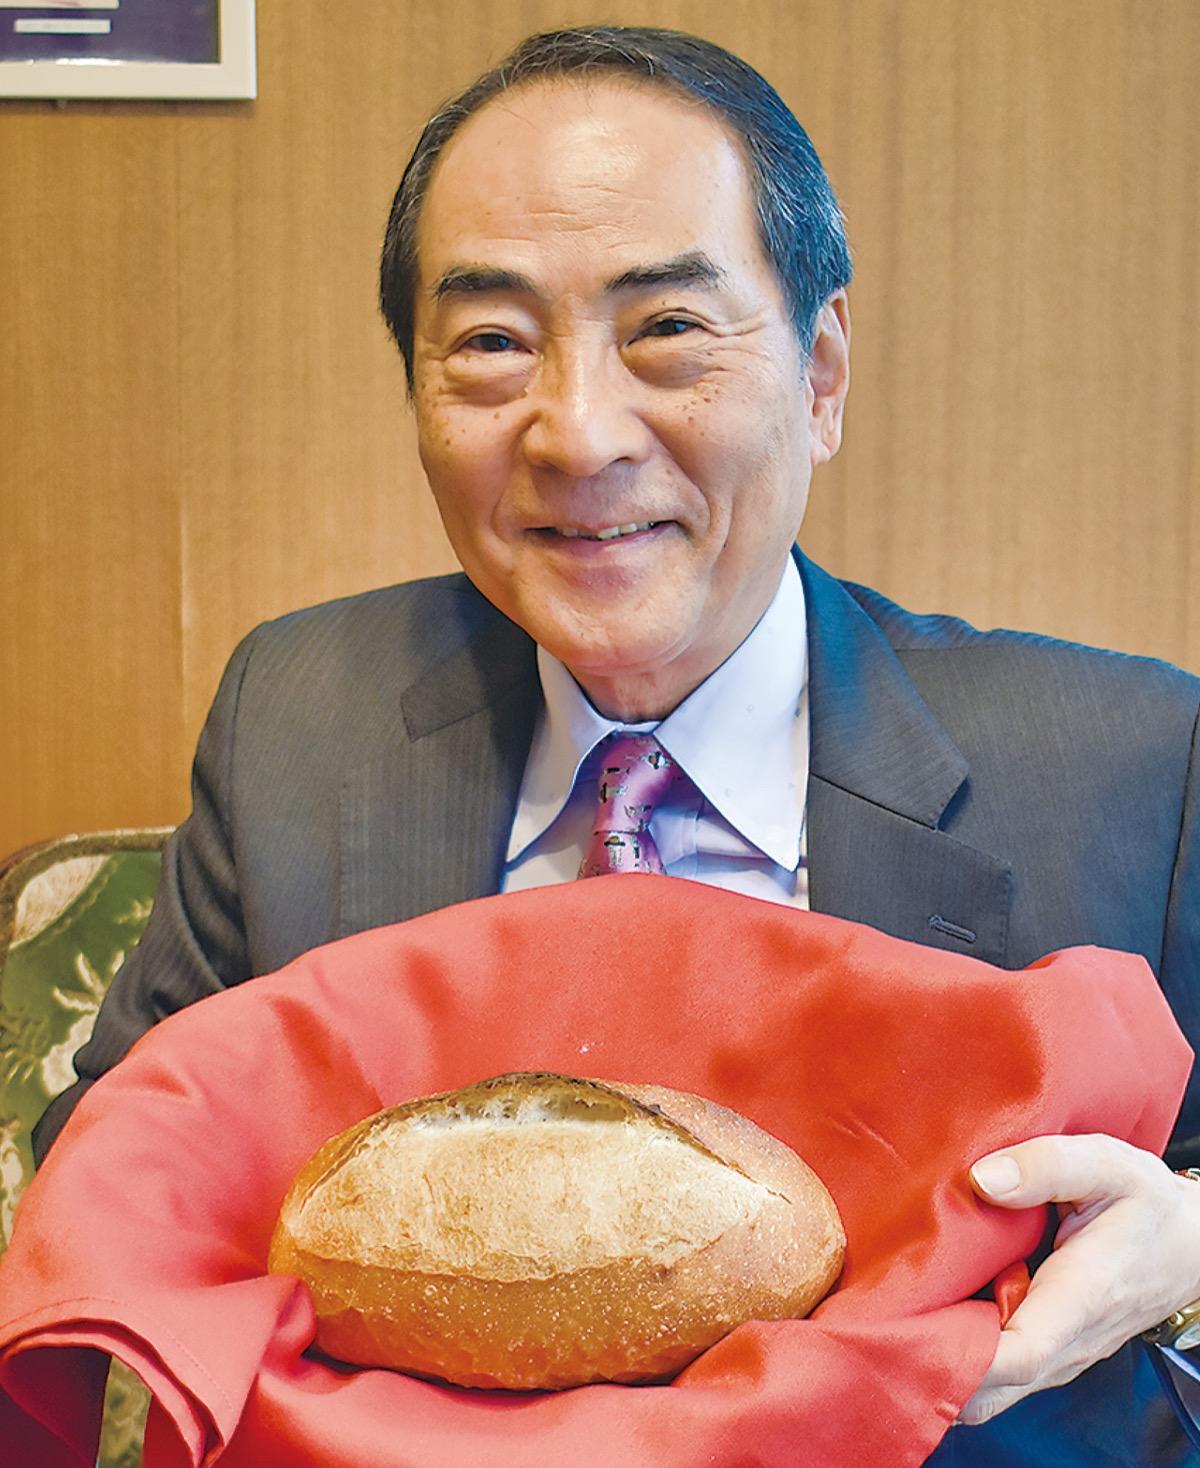 同社の代表商品「チーズバタール」を手にする三藤社長